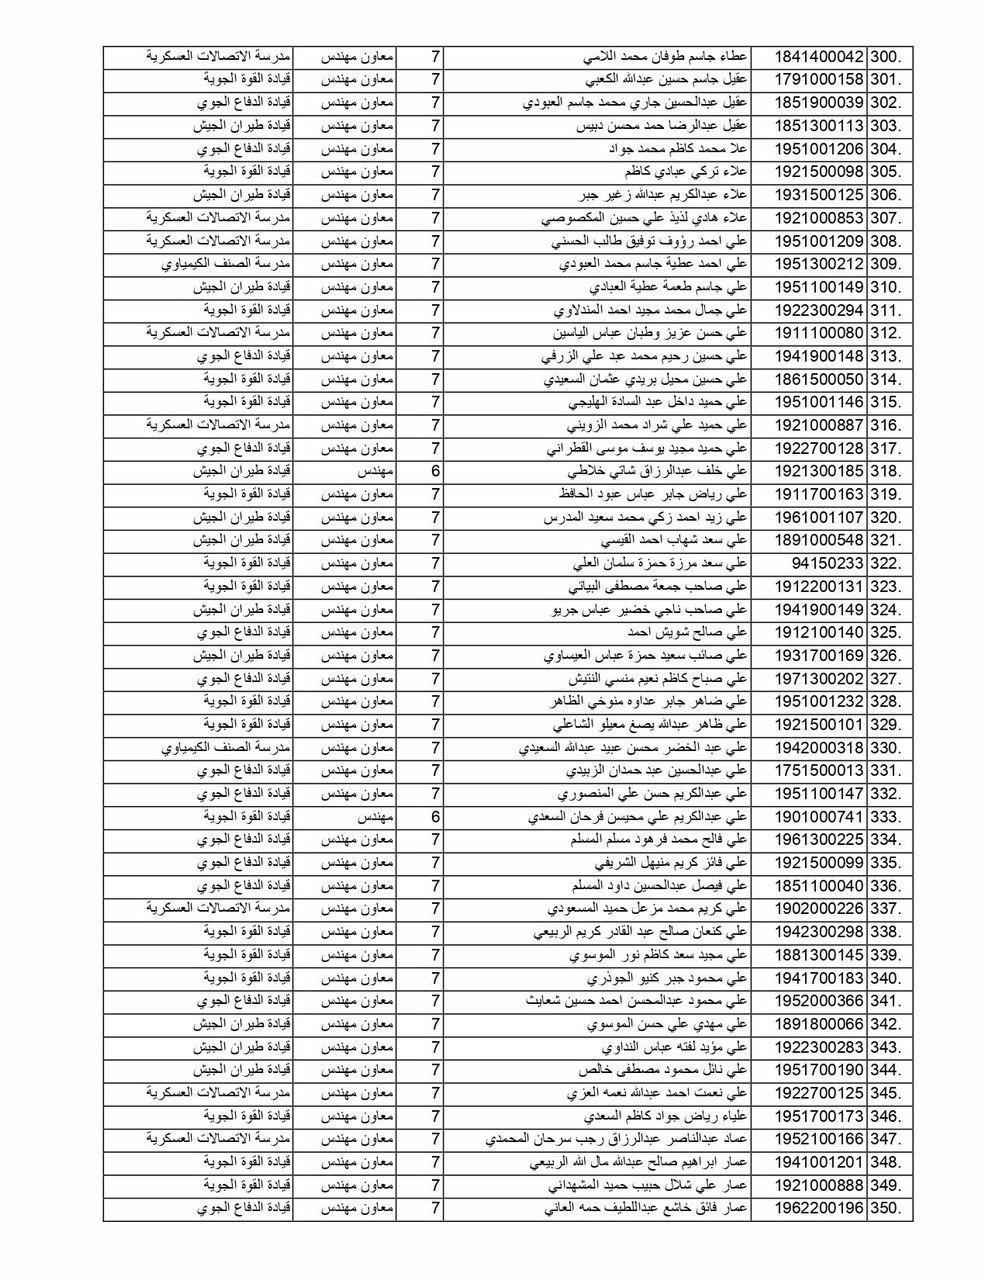 مبرووك وزارة الدفاع تعلن عن أسماء (الوجبة الثانية) من الموظفين المعينين  751